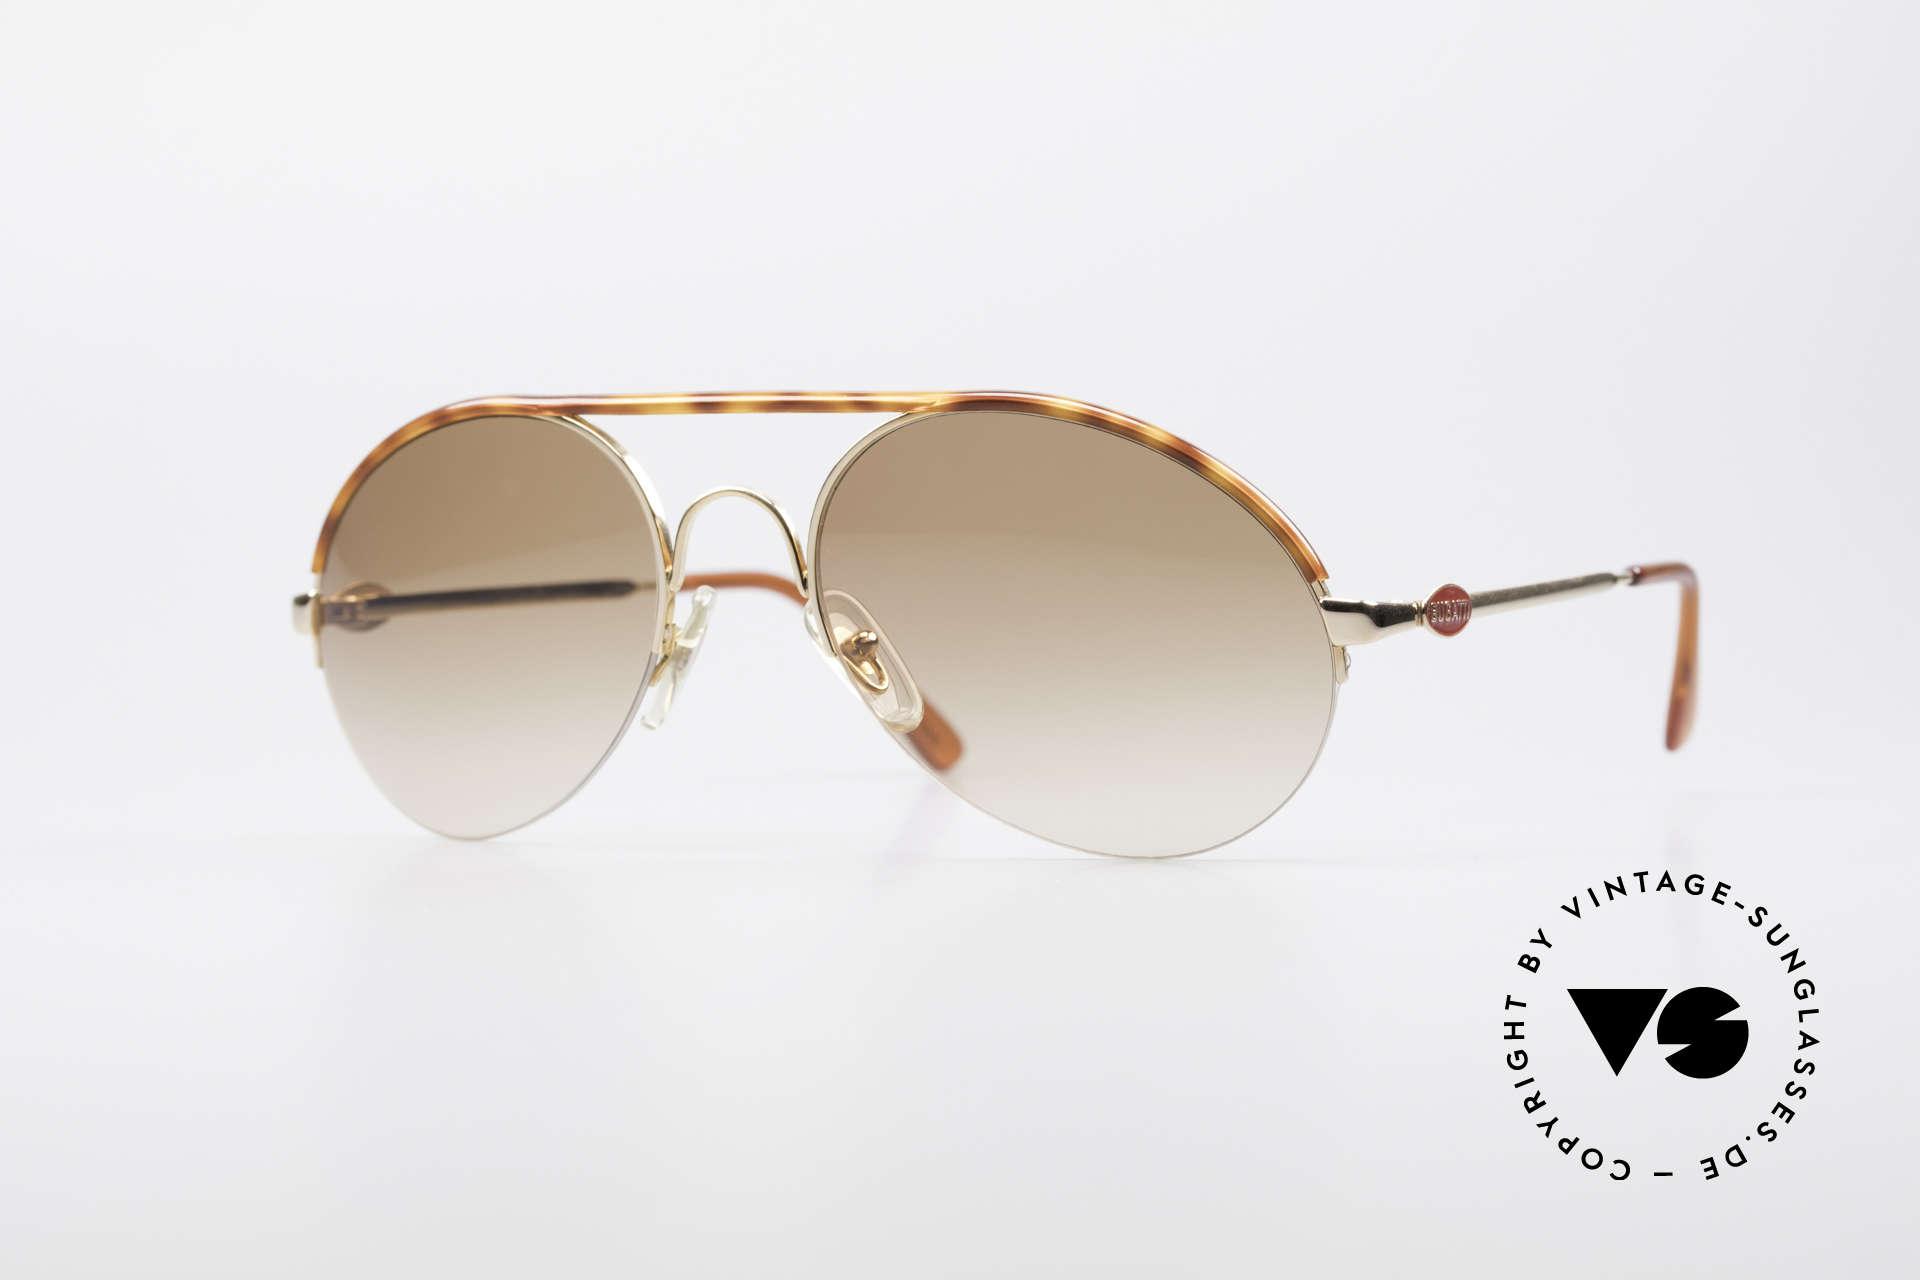 Bugatti 64919 Halb Rahmenlose Sonnenbrille, elegante vintage BUGATTI Designer-Sonnenbrille, Passend für Herren